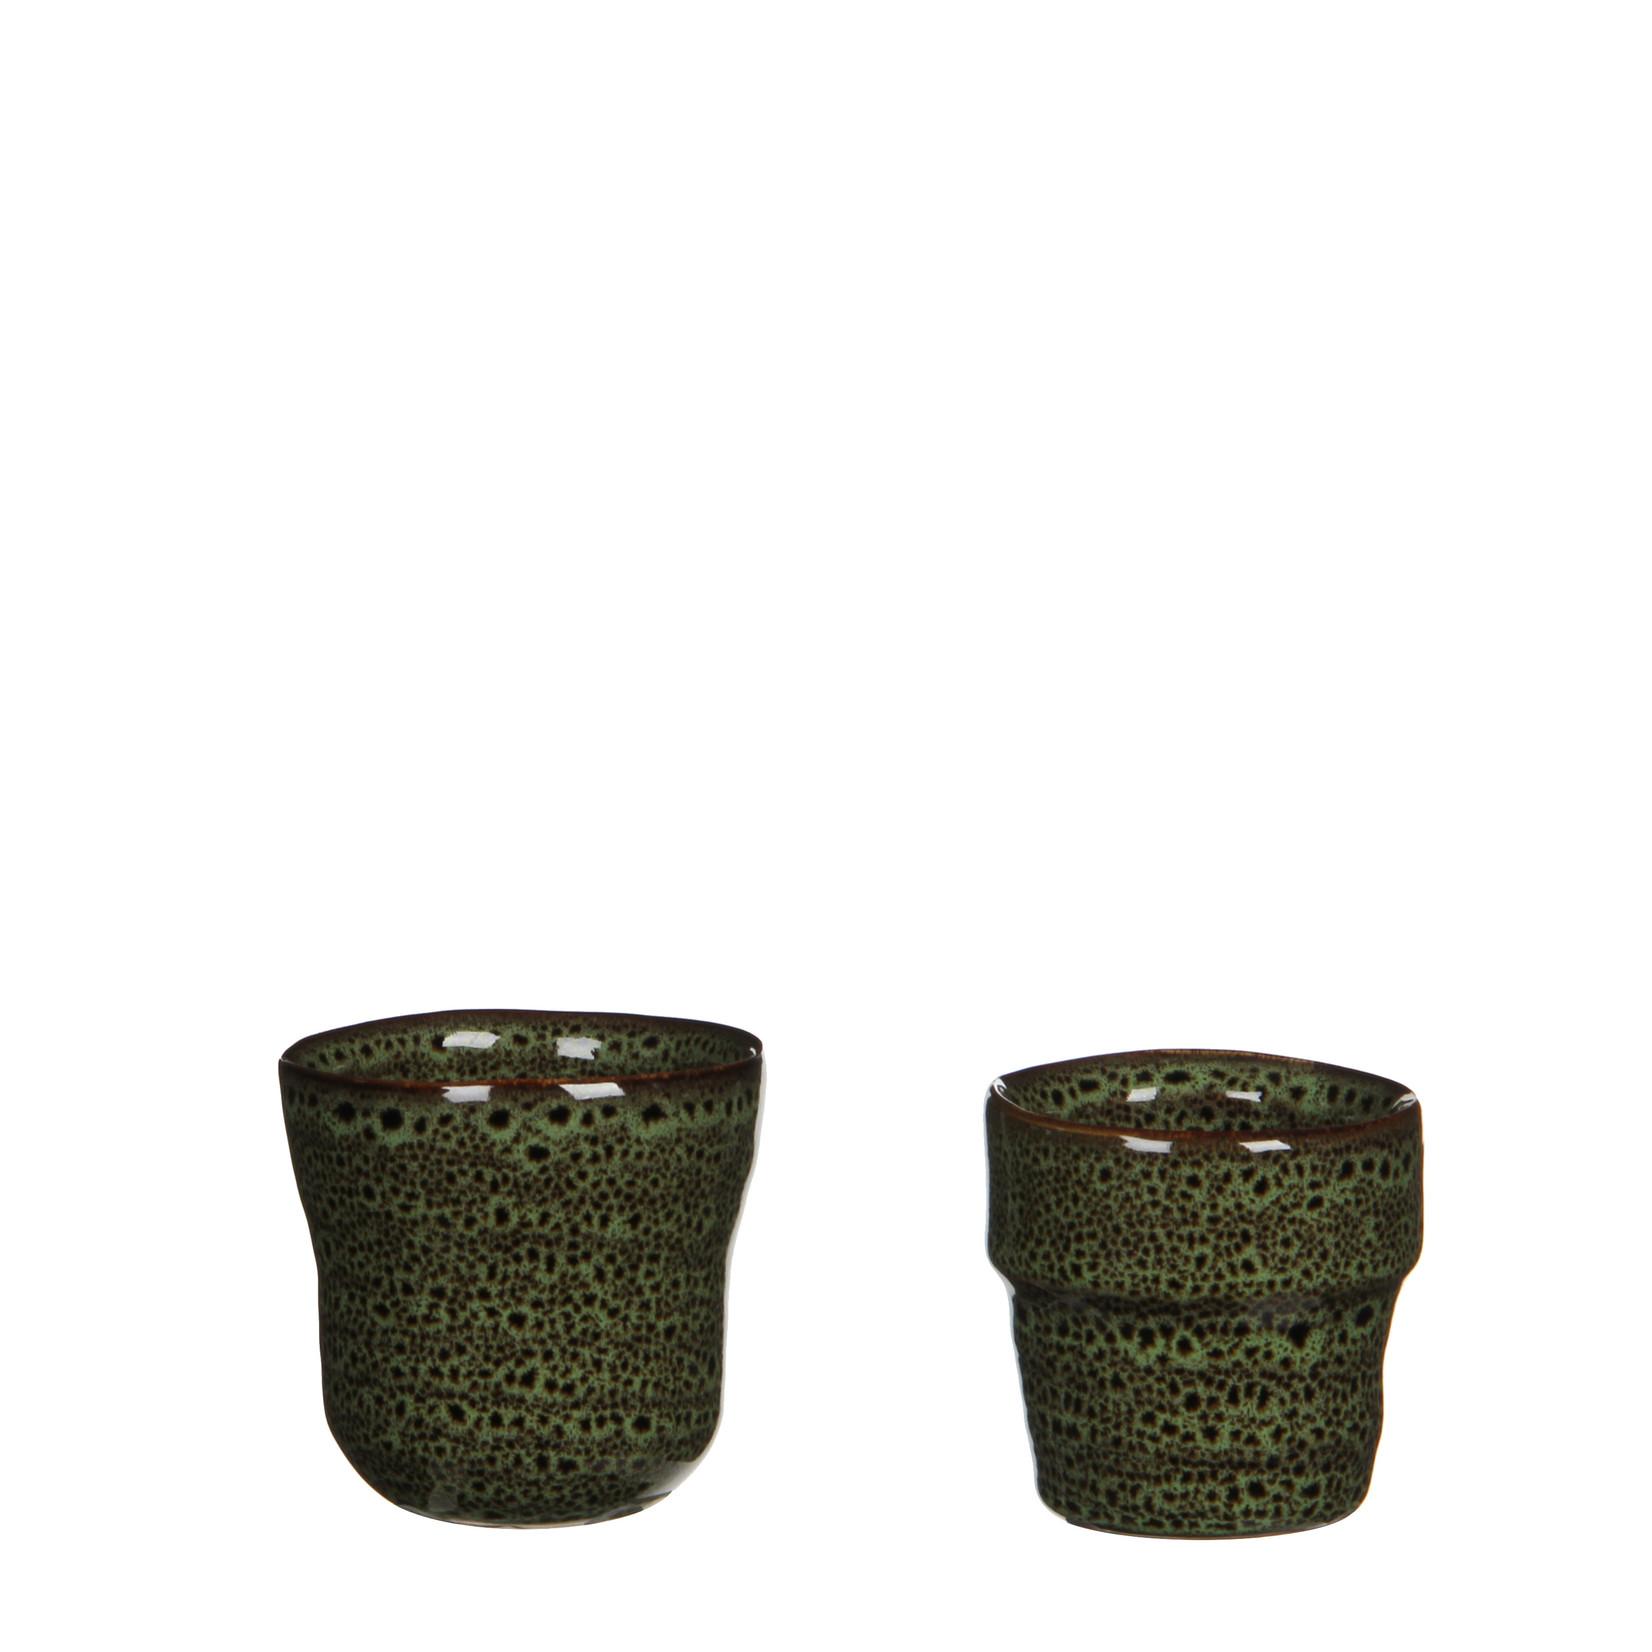 MiCa 1022487 Stef pot round green